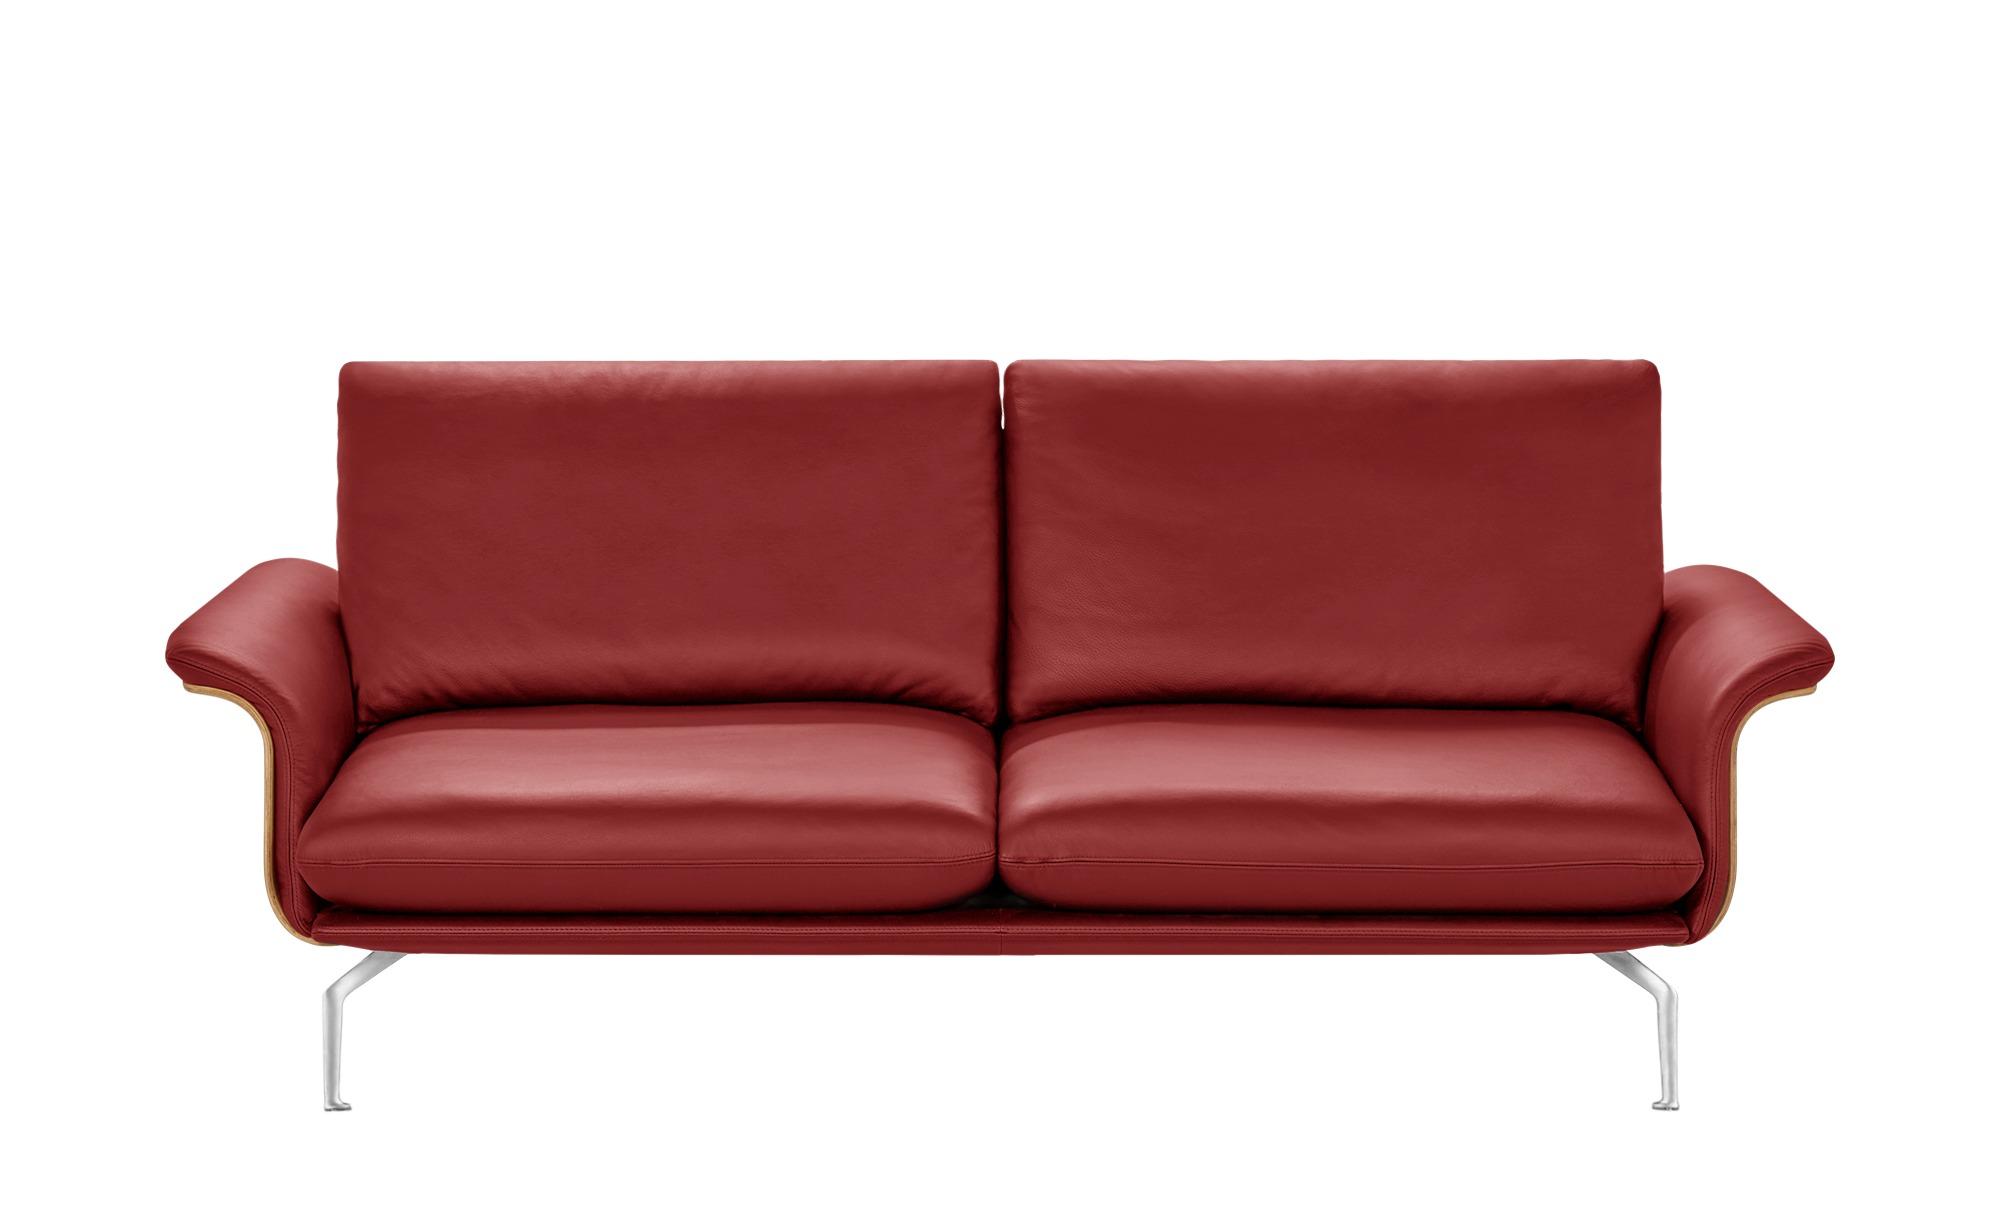 Nils Olsen Sofa rot - Kunstleder/Leder Lina ¦ rot ¦ Maße (cm): B: 217 H: 87 T: 101 Polstermöbel > Sofas > Einzelsofas - Höffner